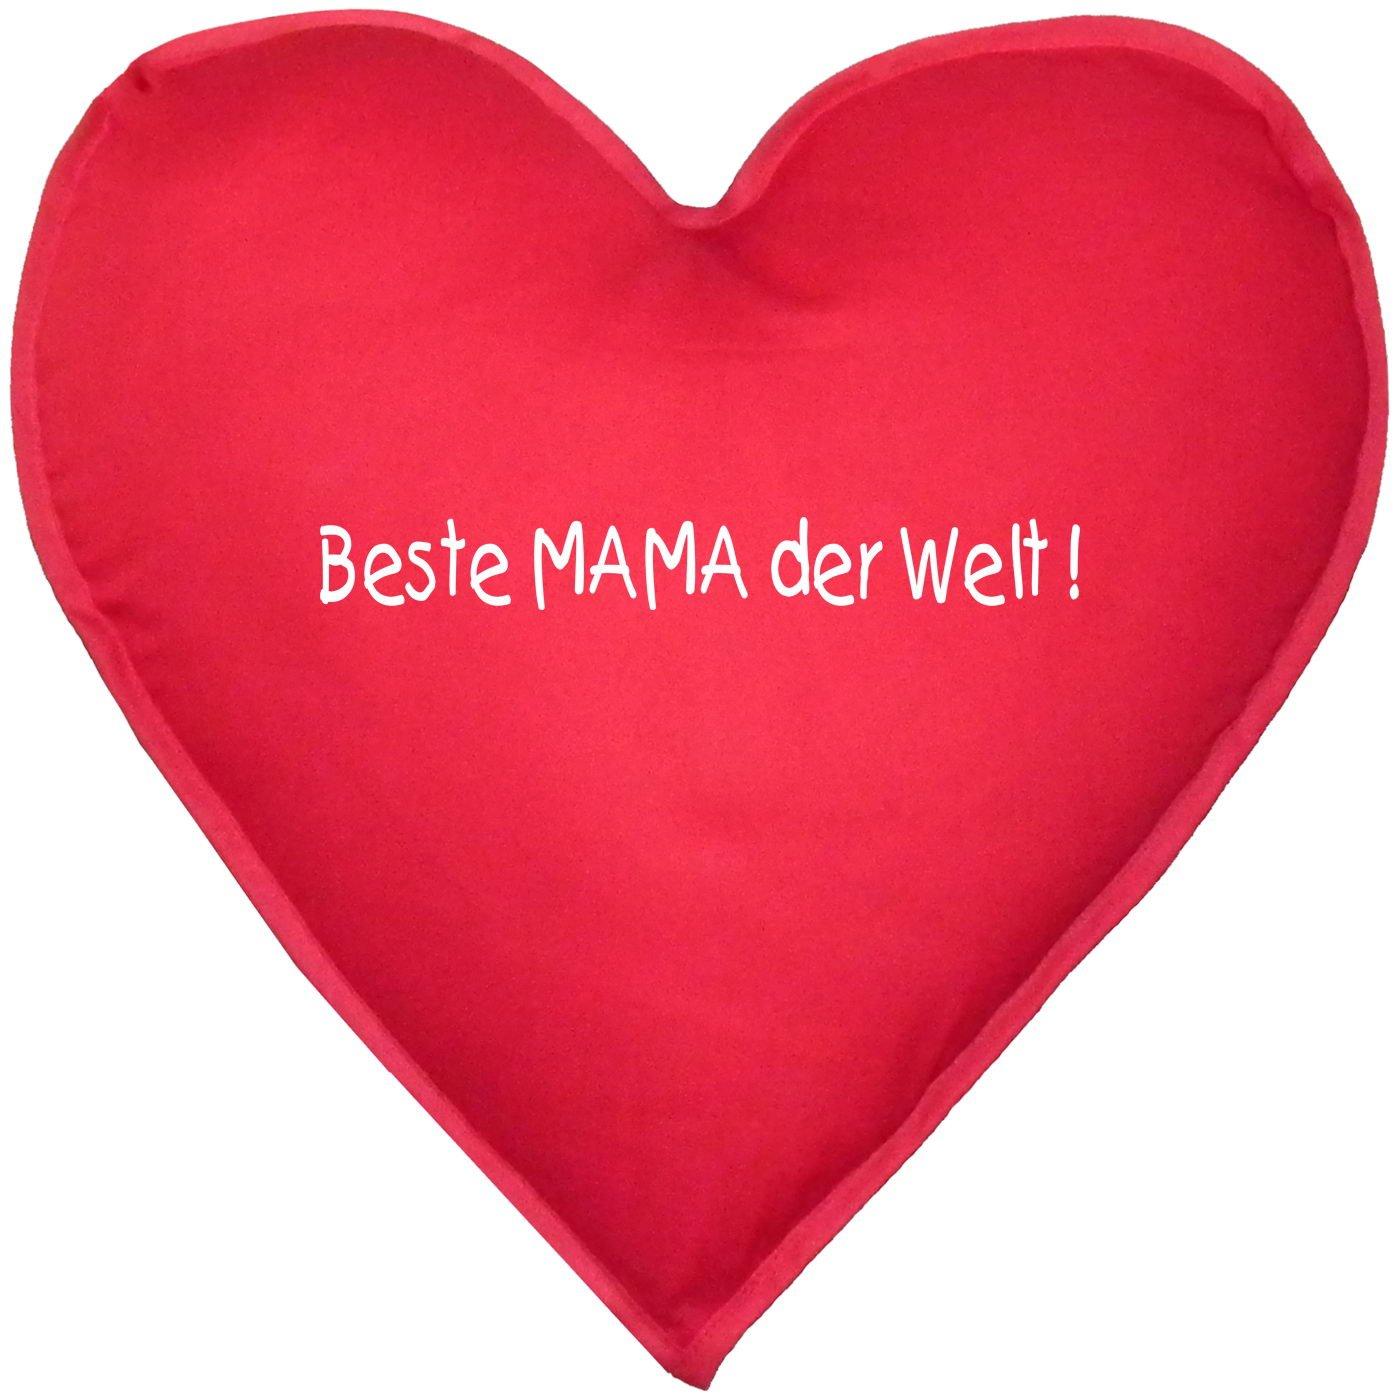 Liebevolles Kissen in Herzform! Beste Mama der Welt Schönes Geschenk! ca. 40x40cm günstig bestellen